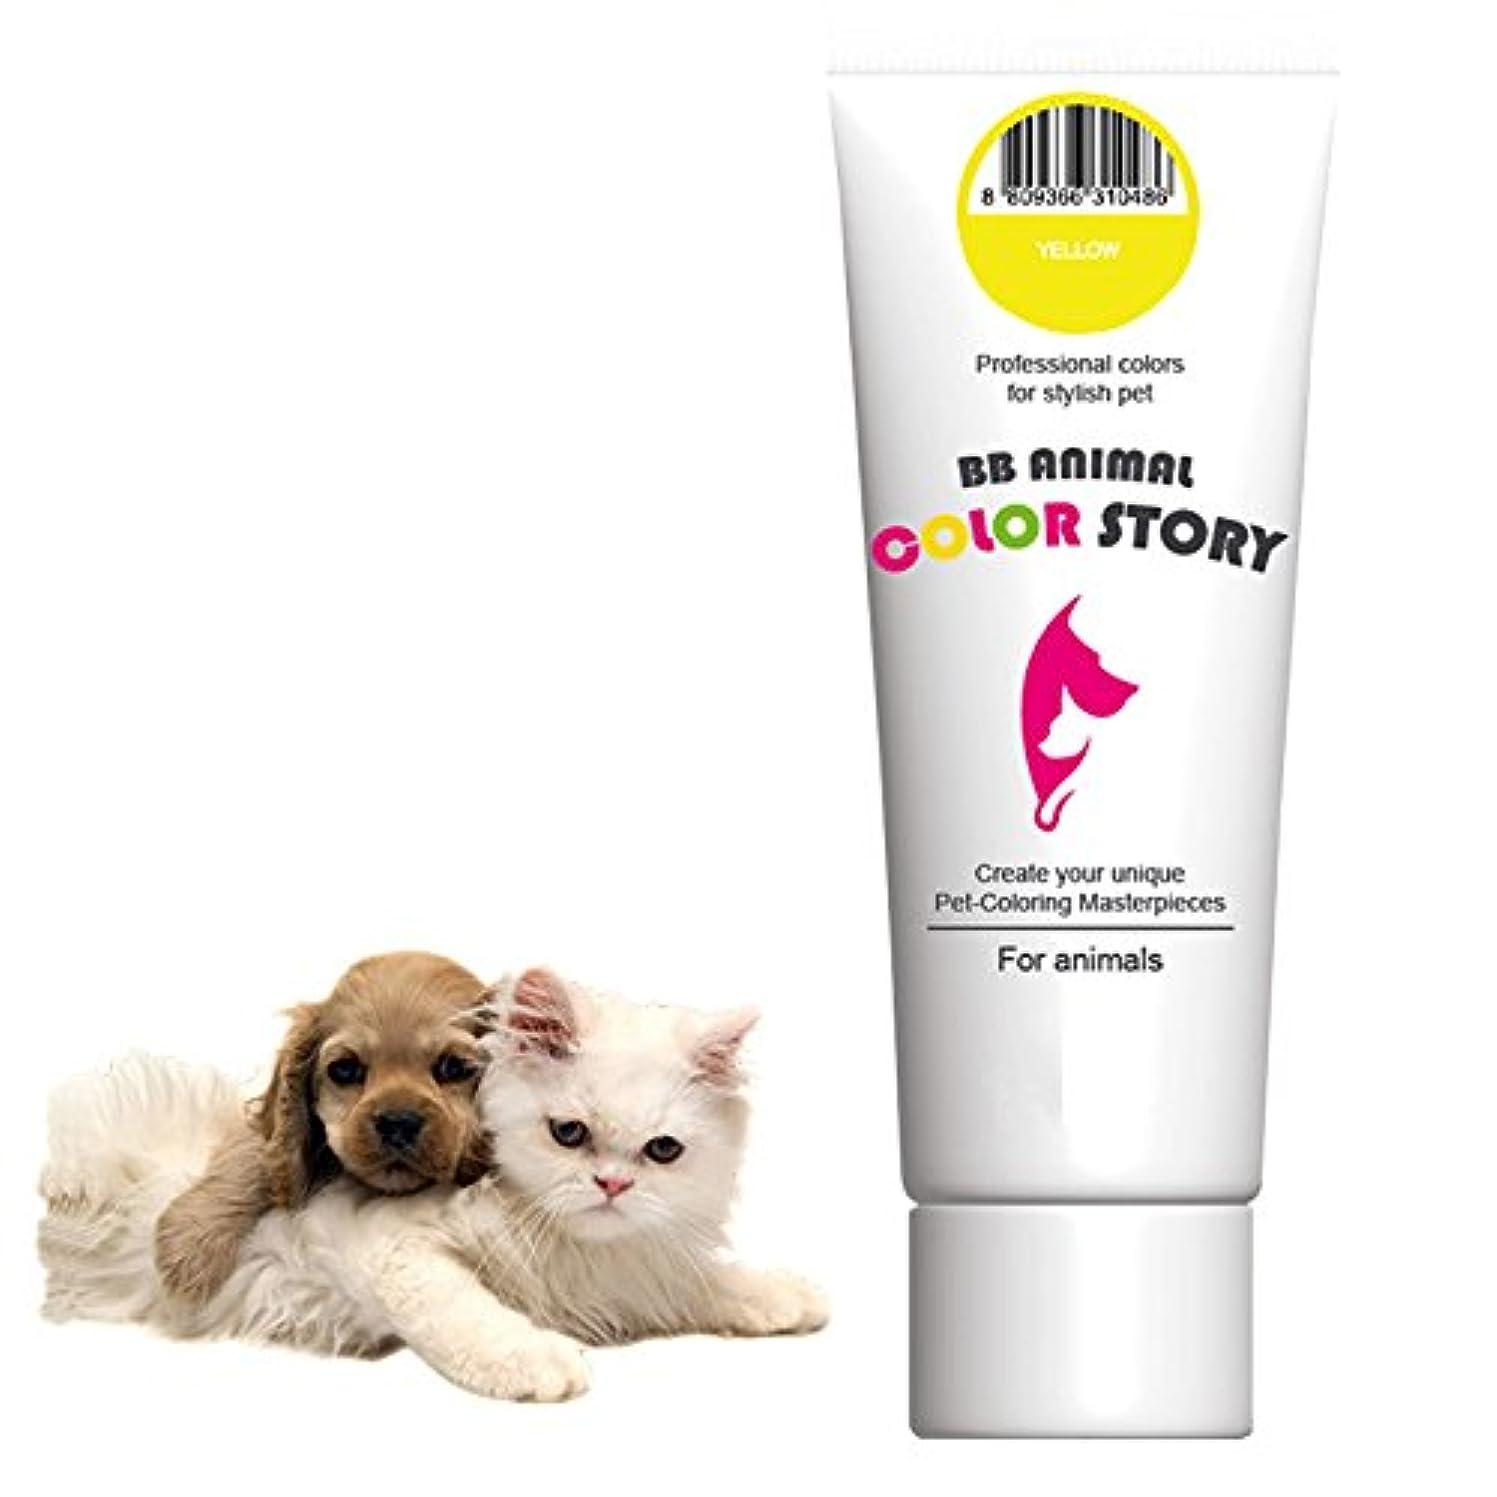 飼い慣らす貨物精巧な毛染め, 犬ヘアダイ Yellow カラーリング Dog Hair Hair Bleach Dye Hair Coloring Professional Colors for Stylish Pet 50ml 並行輸入